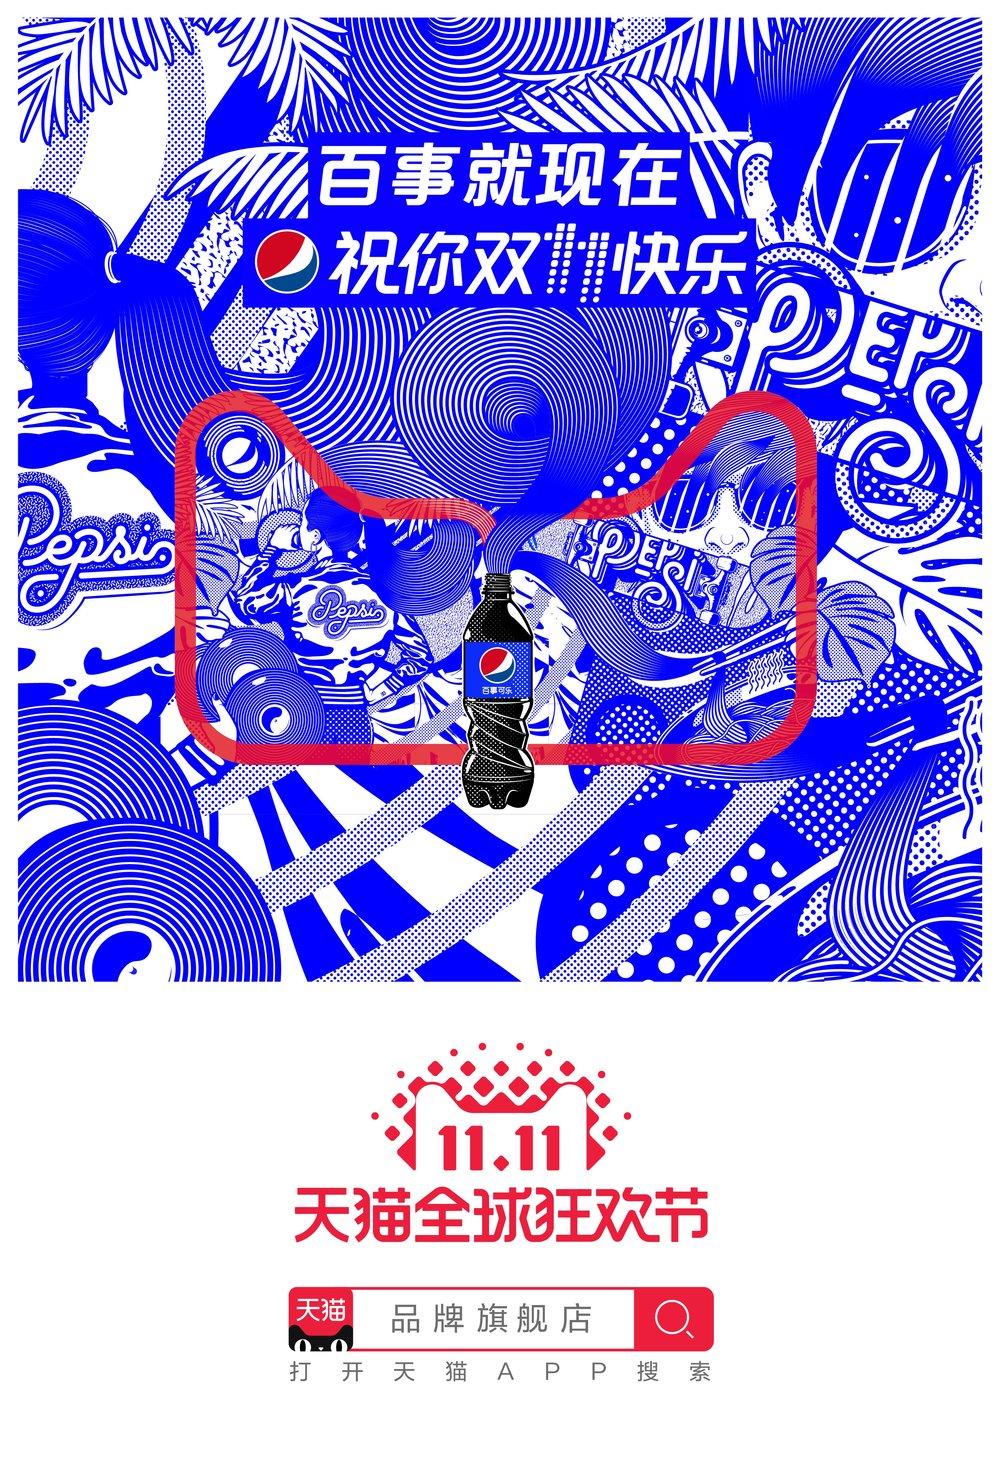 pepsi-tmall-china-11-11-2017-advertising-poster.JPG